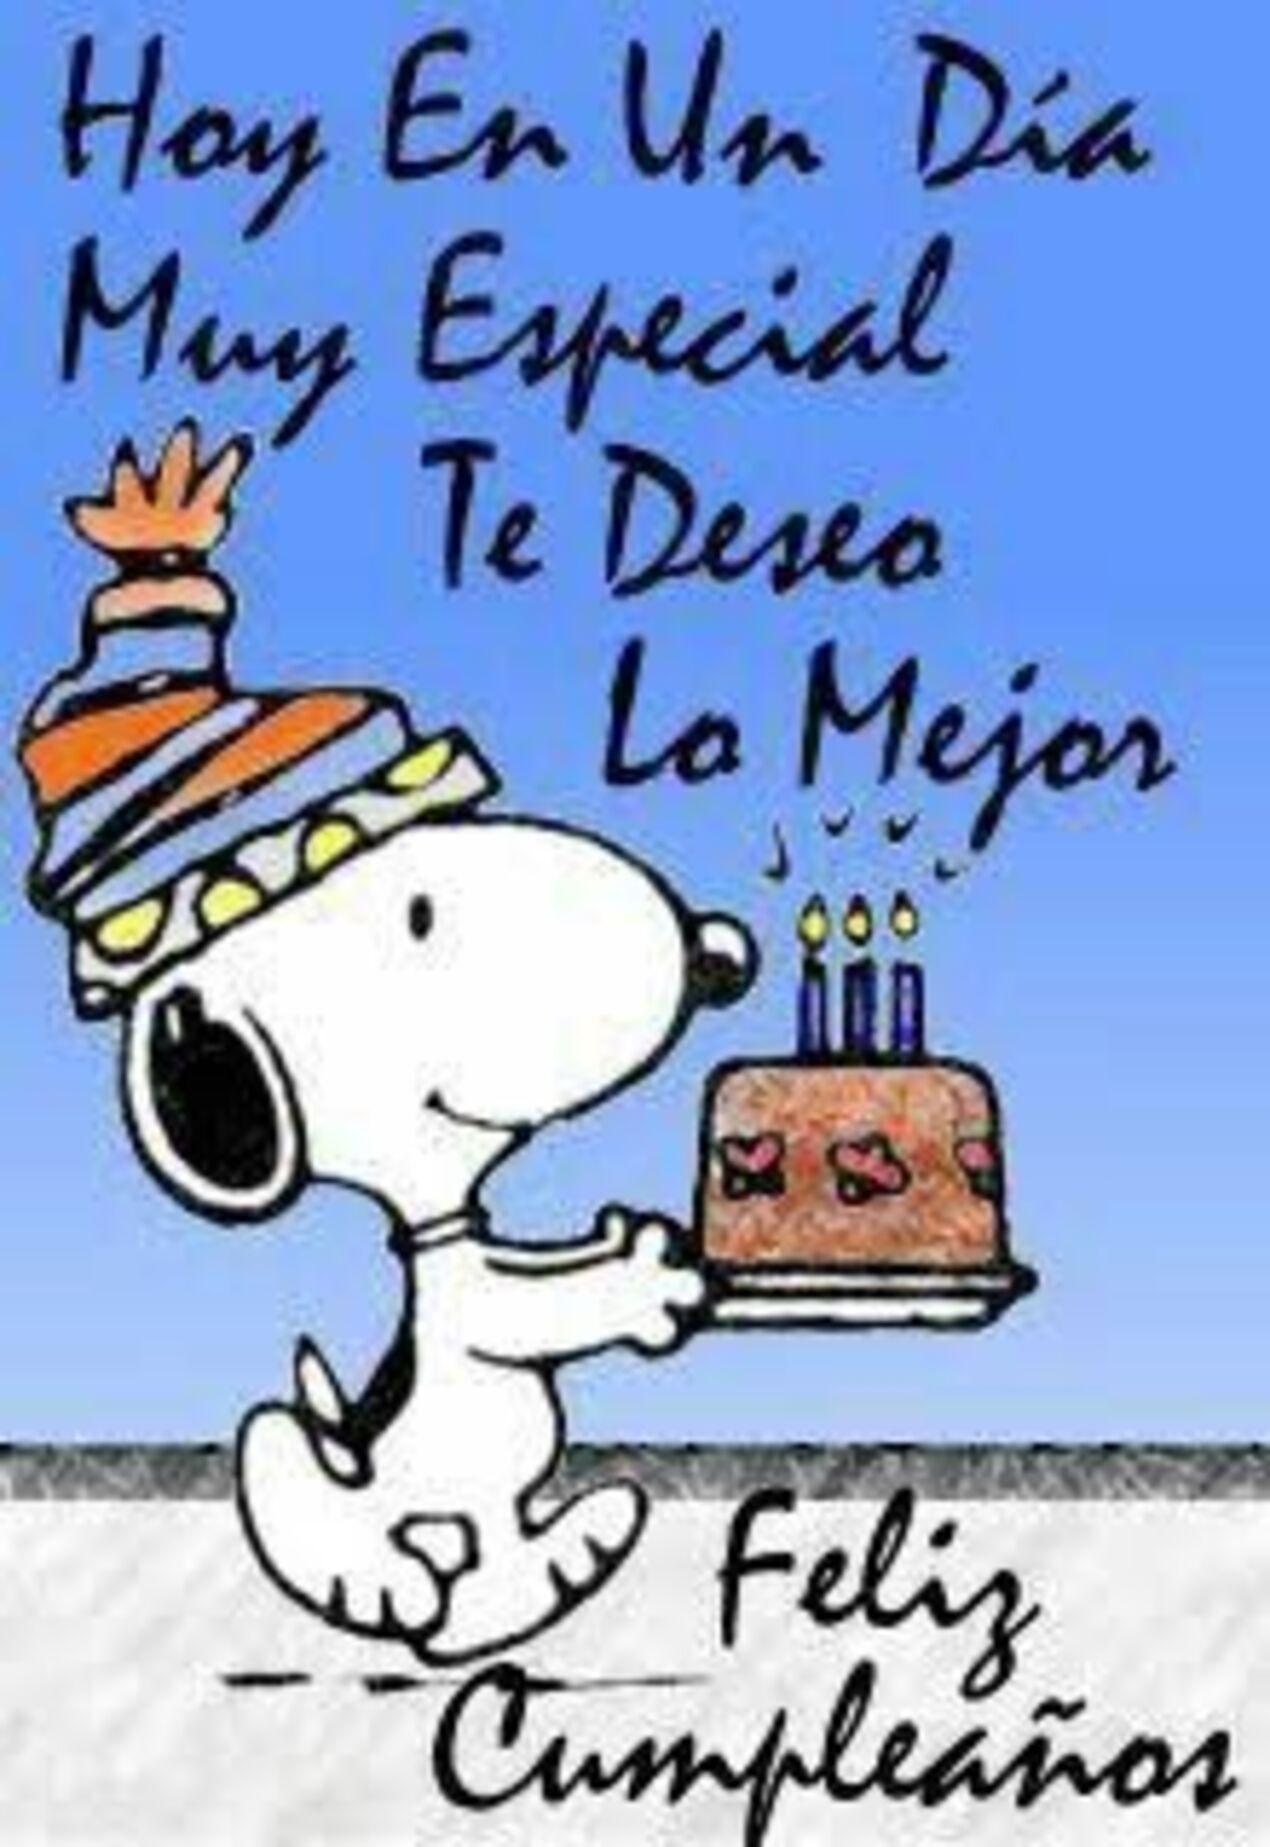 Hoy en un dia muy especial te deseo lo mejor feliz cumpleanos